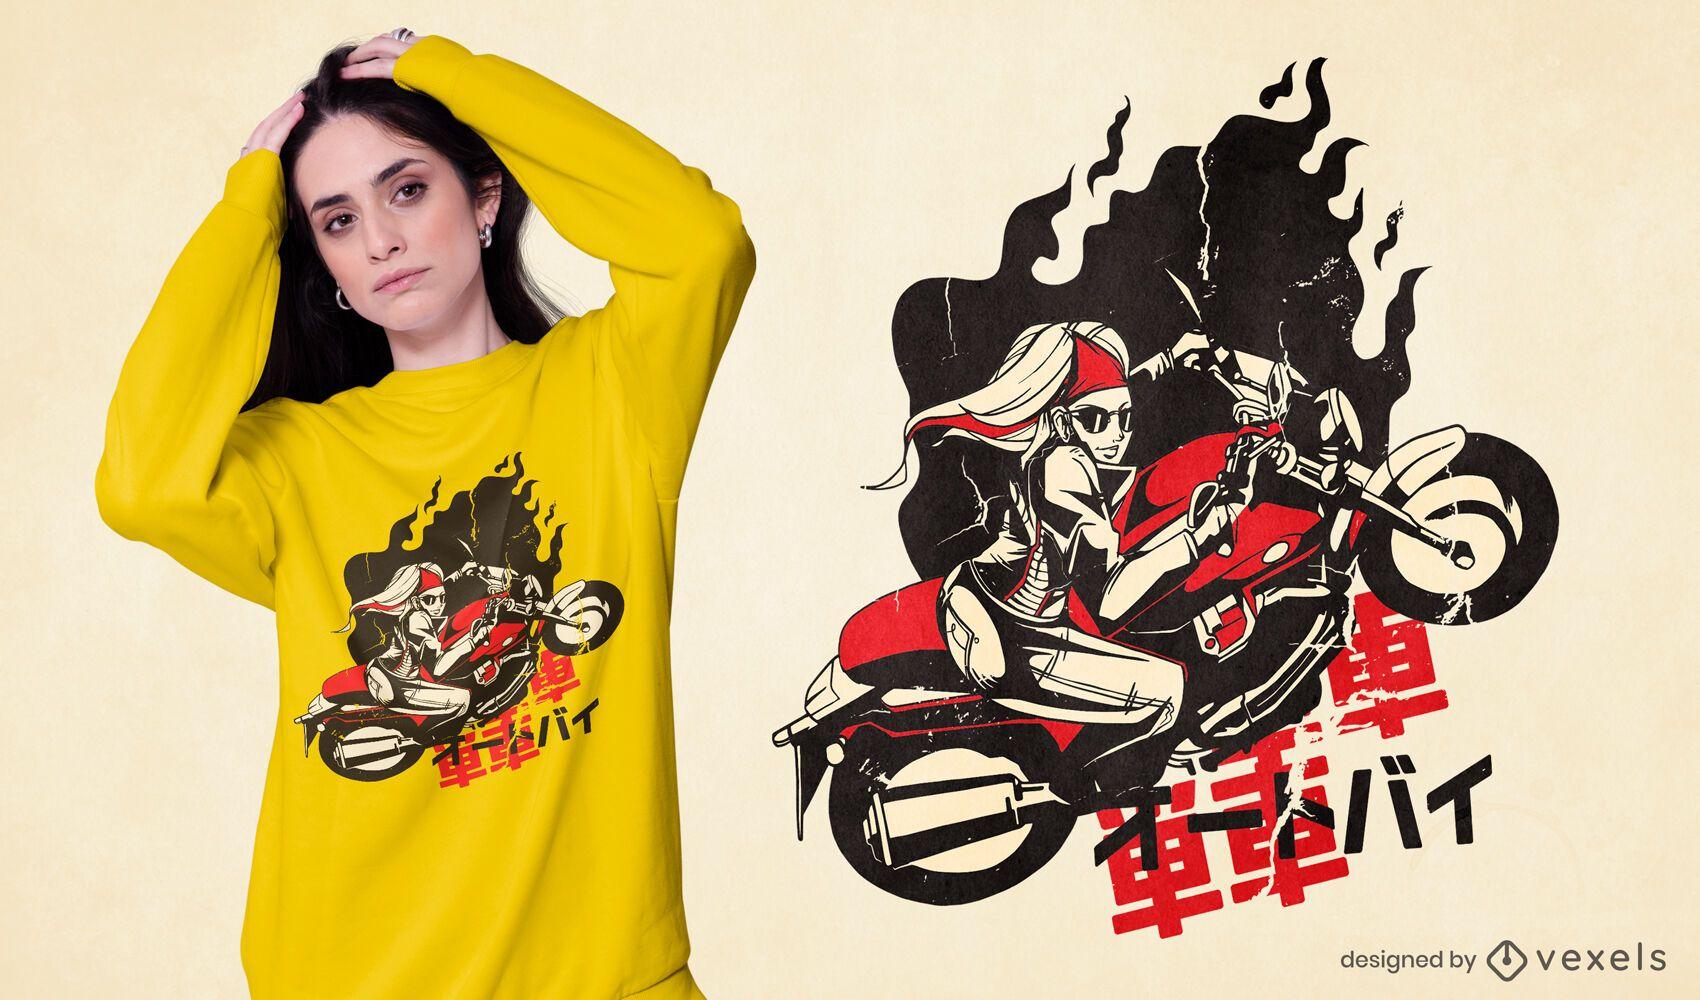 Motorcycle girl t-shirt design